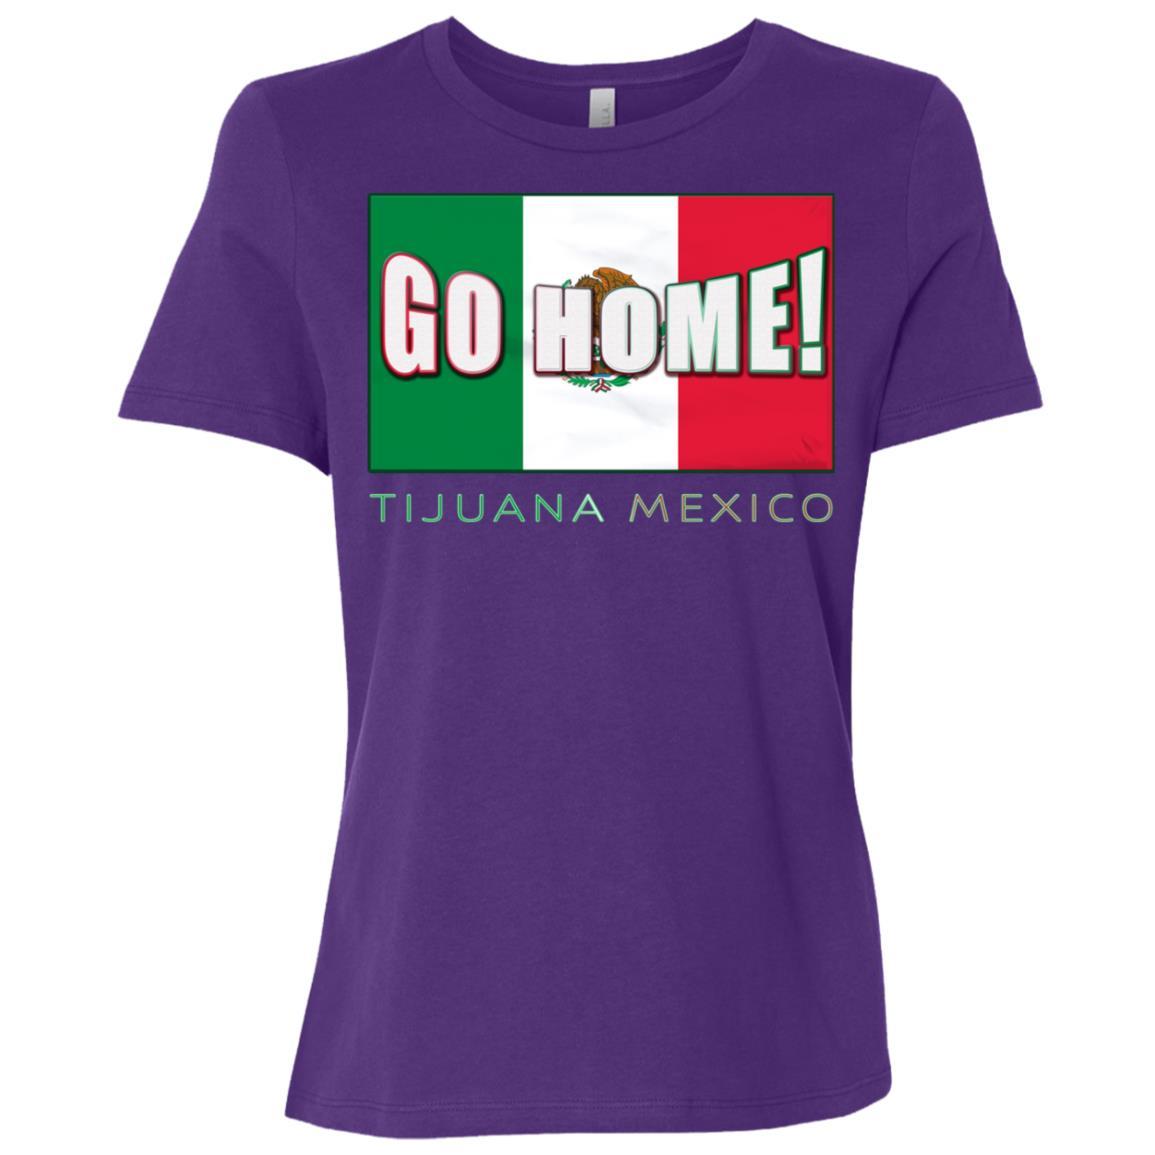 Make Tijuana Mexico Great Again Funny Gift Idea -1 Women Short Sleeve T-Shirt